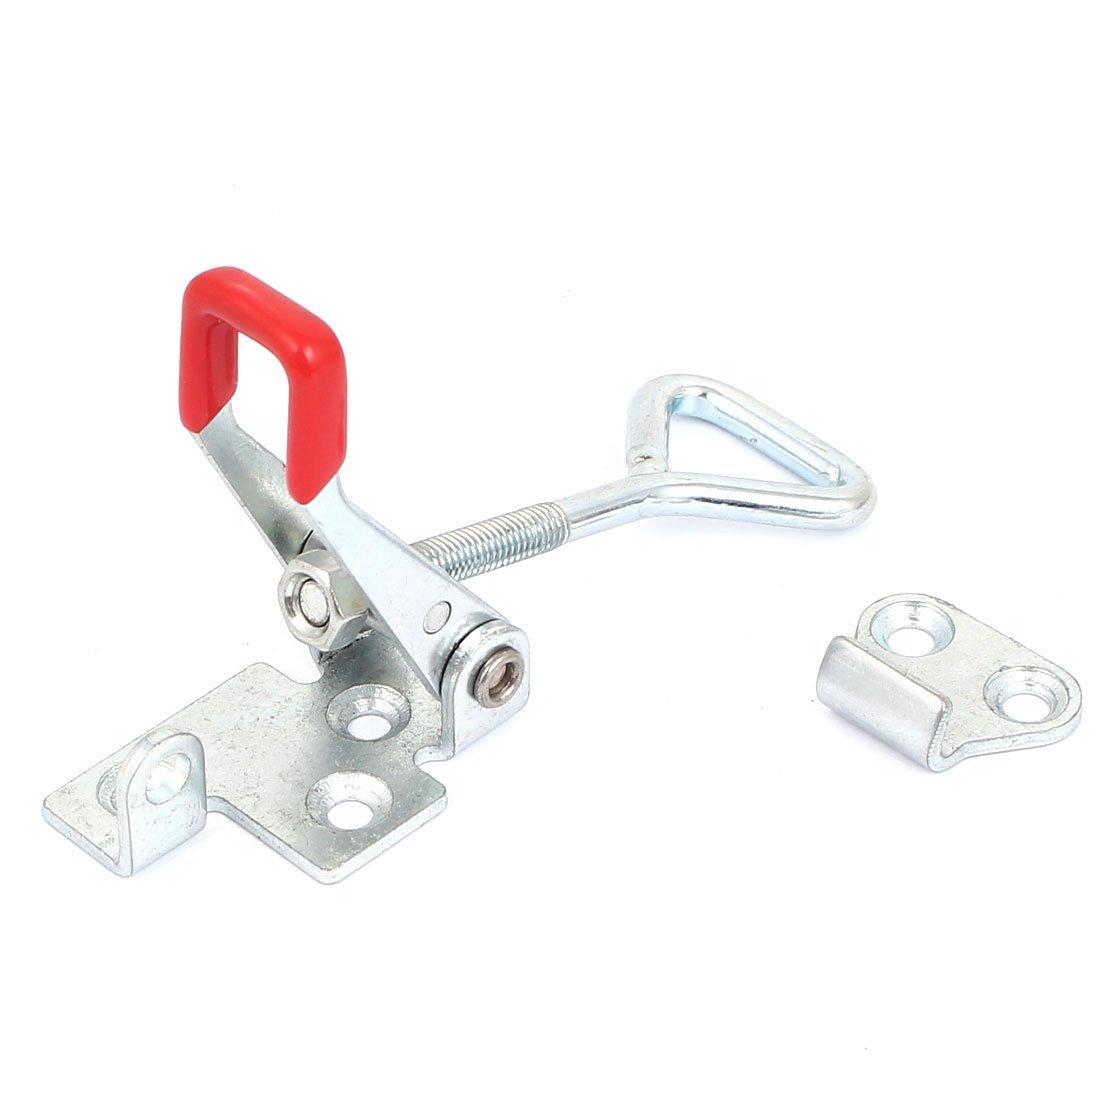 eDealMax SD-4002 30Kg 66 libras Capacidad de retención de la herramienta de mano tipo de pestillo de palanca de la abrazadera - - Amazon.com